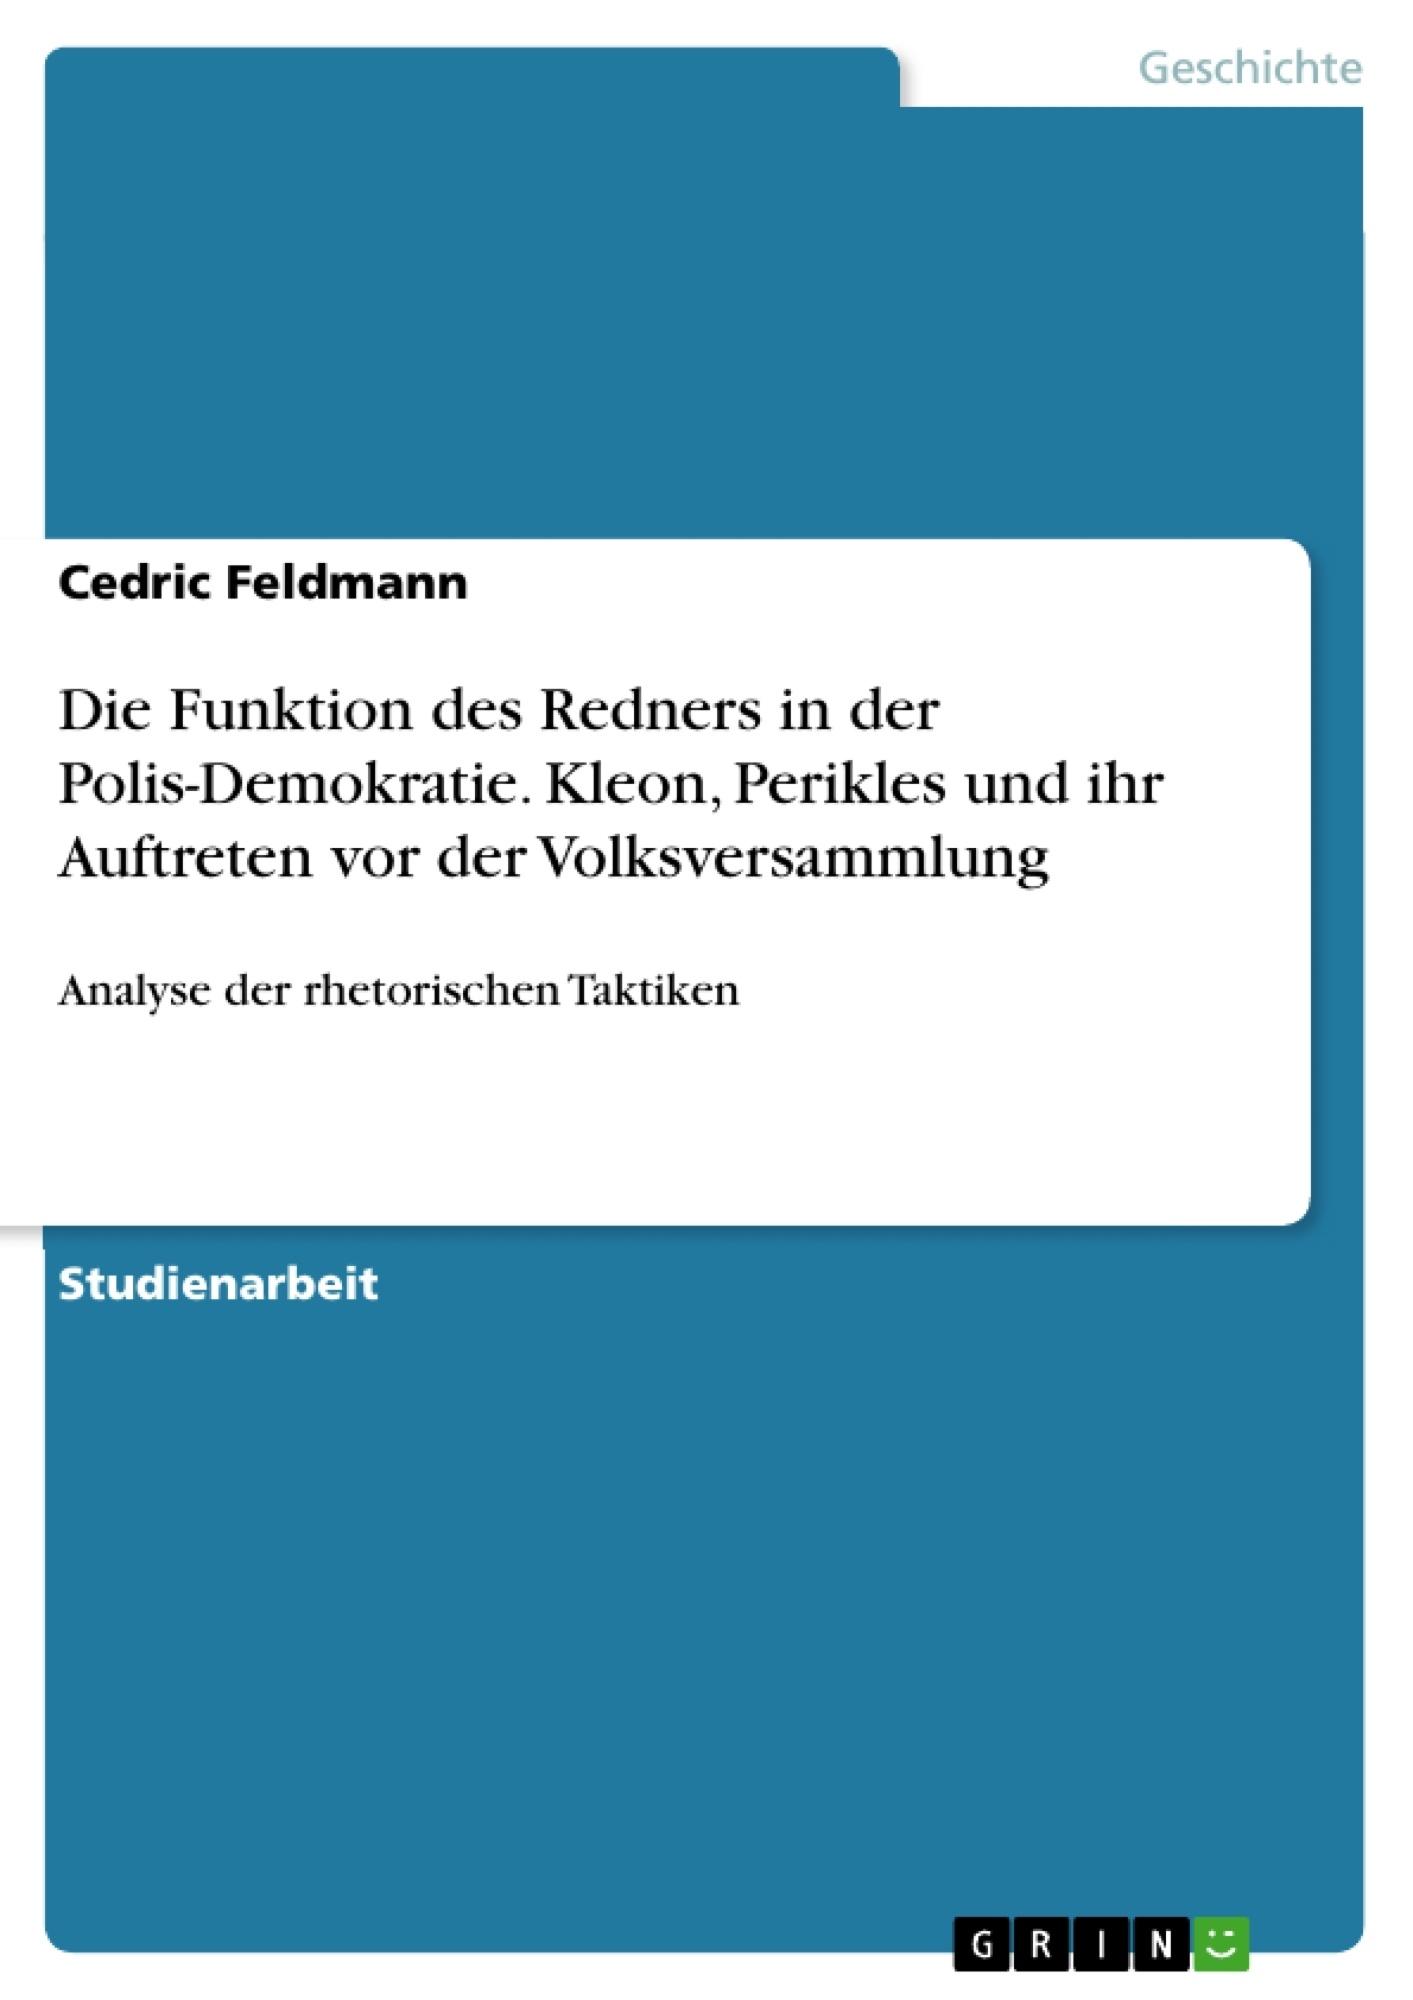 Titel: Die Funktion des Redners in der Polis-Demokratie. Kleon, Perikles und ihr Auftreten vor der Volksversammlung